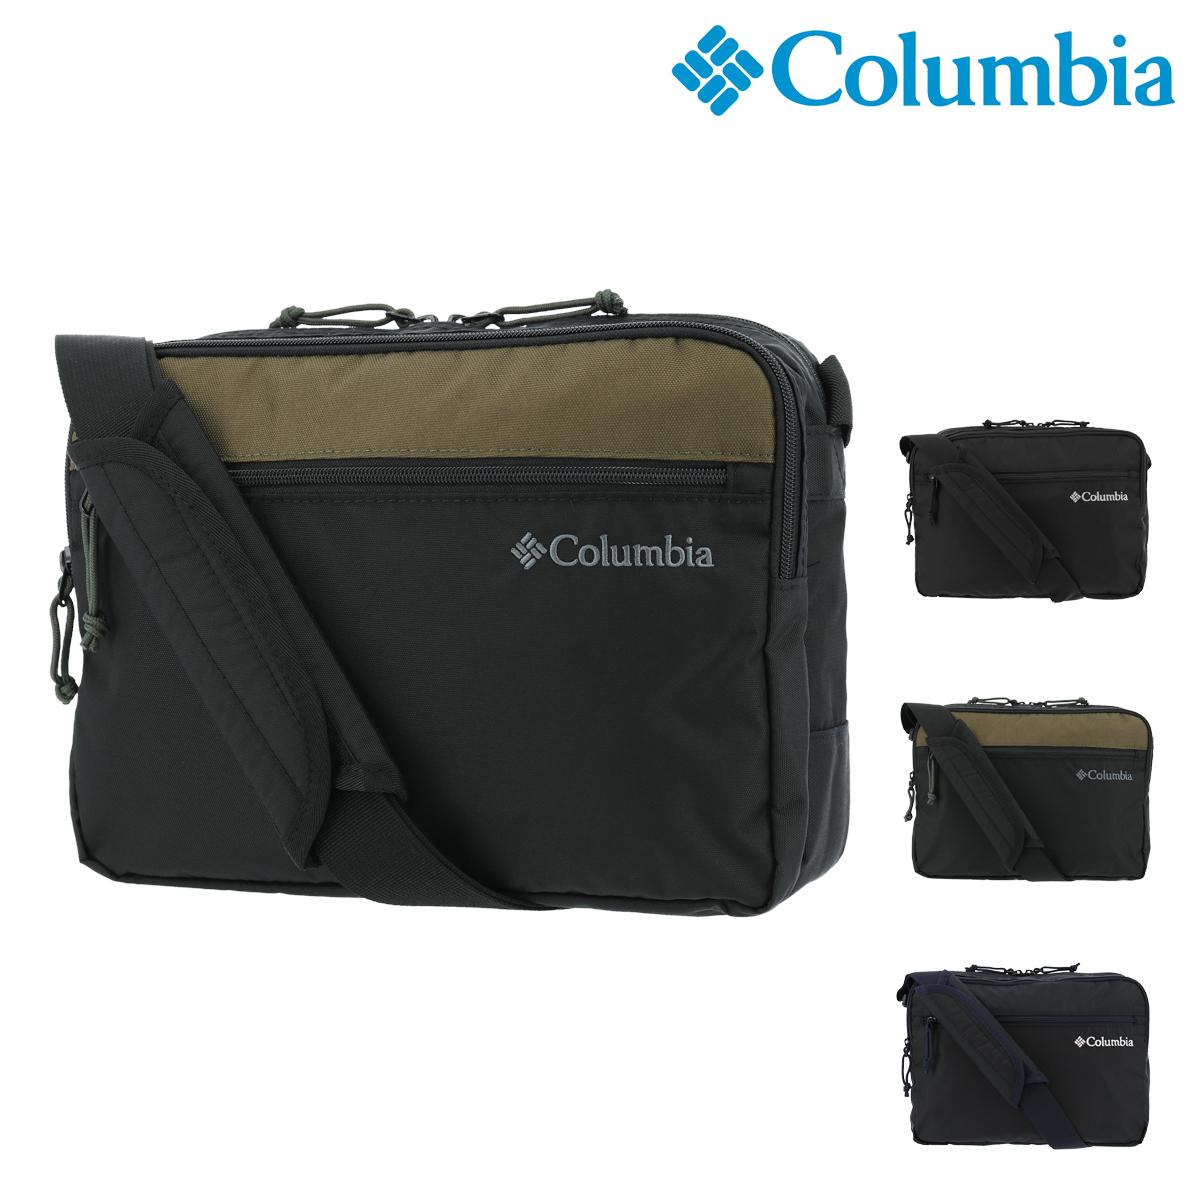 コロンビア ショルダーバッグ ノンサッチストリーム メンズ PU8363 Columbia   リュック スクエア 撥水 [bef]